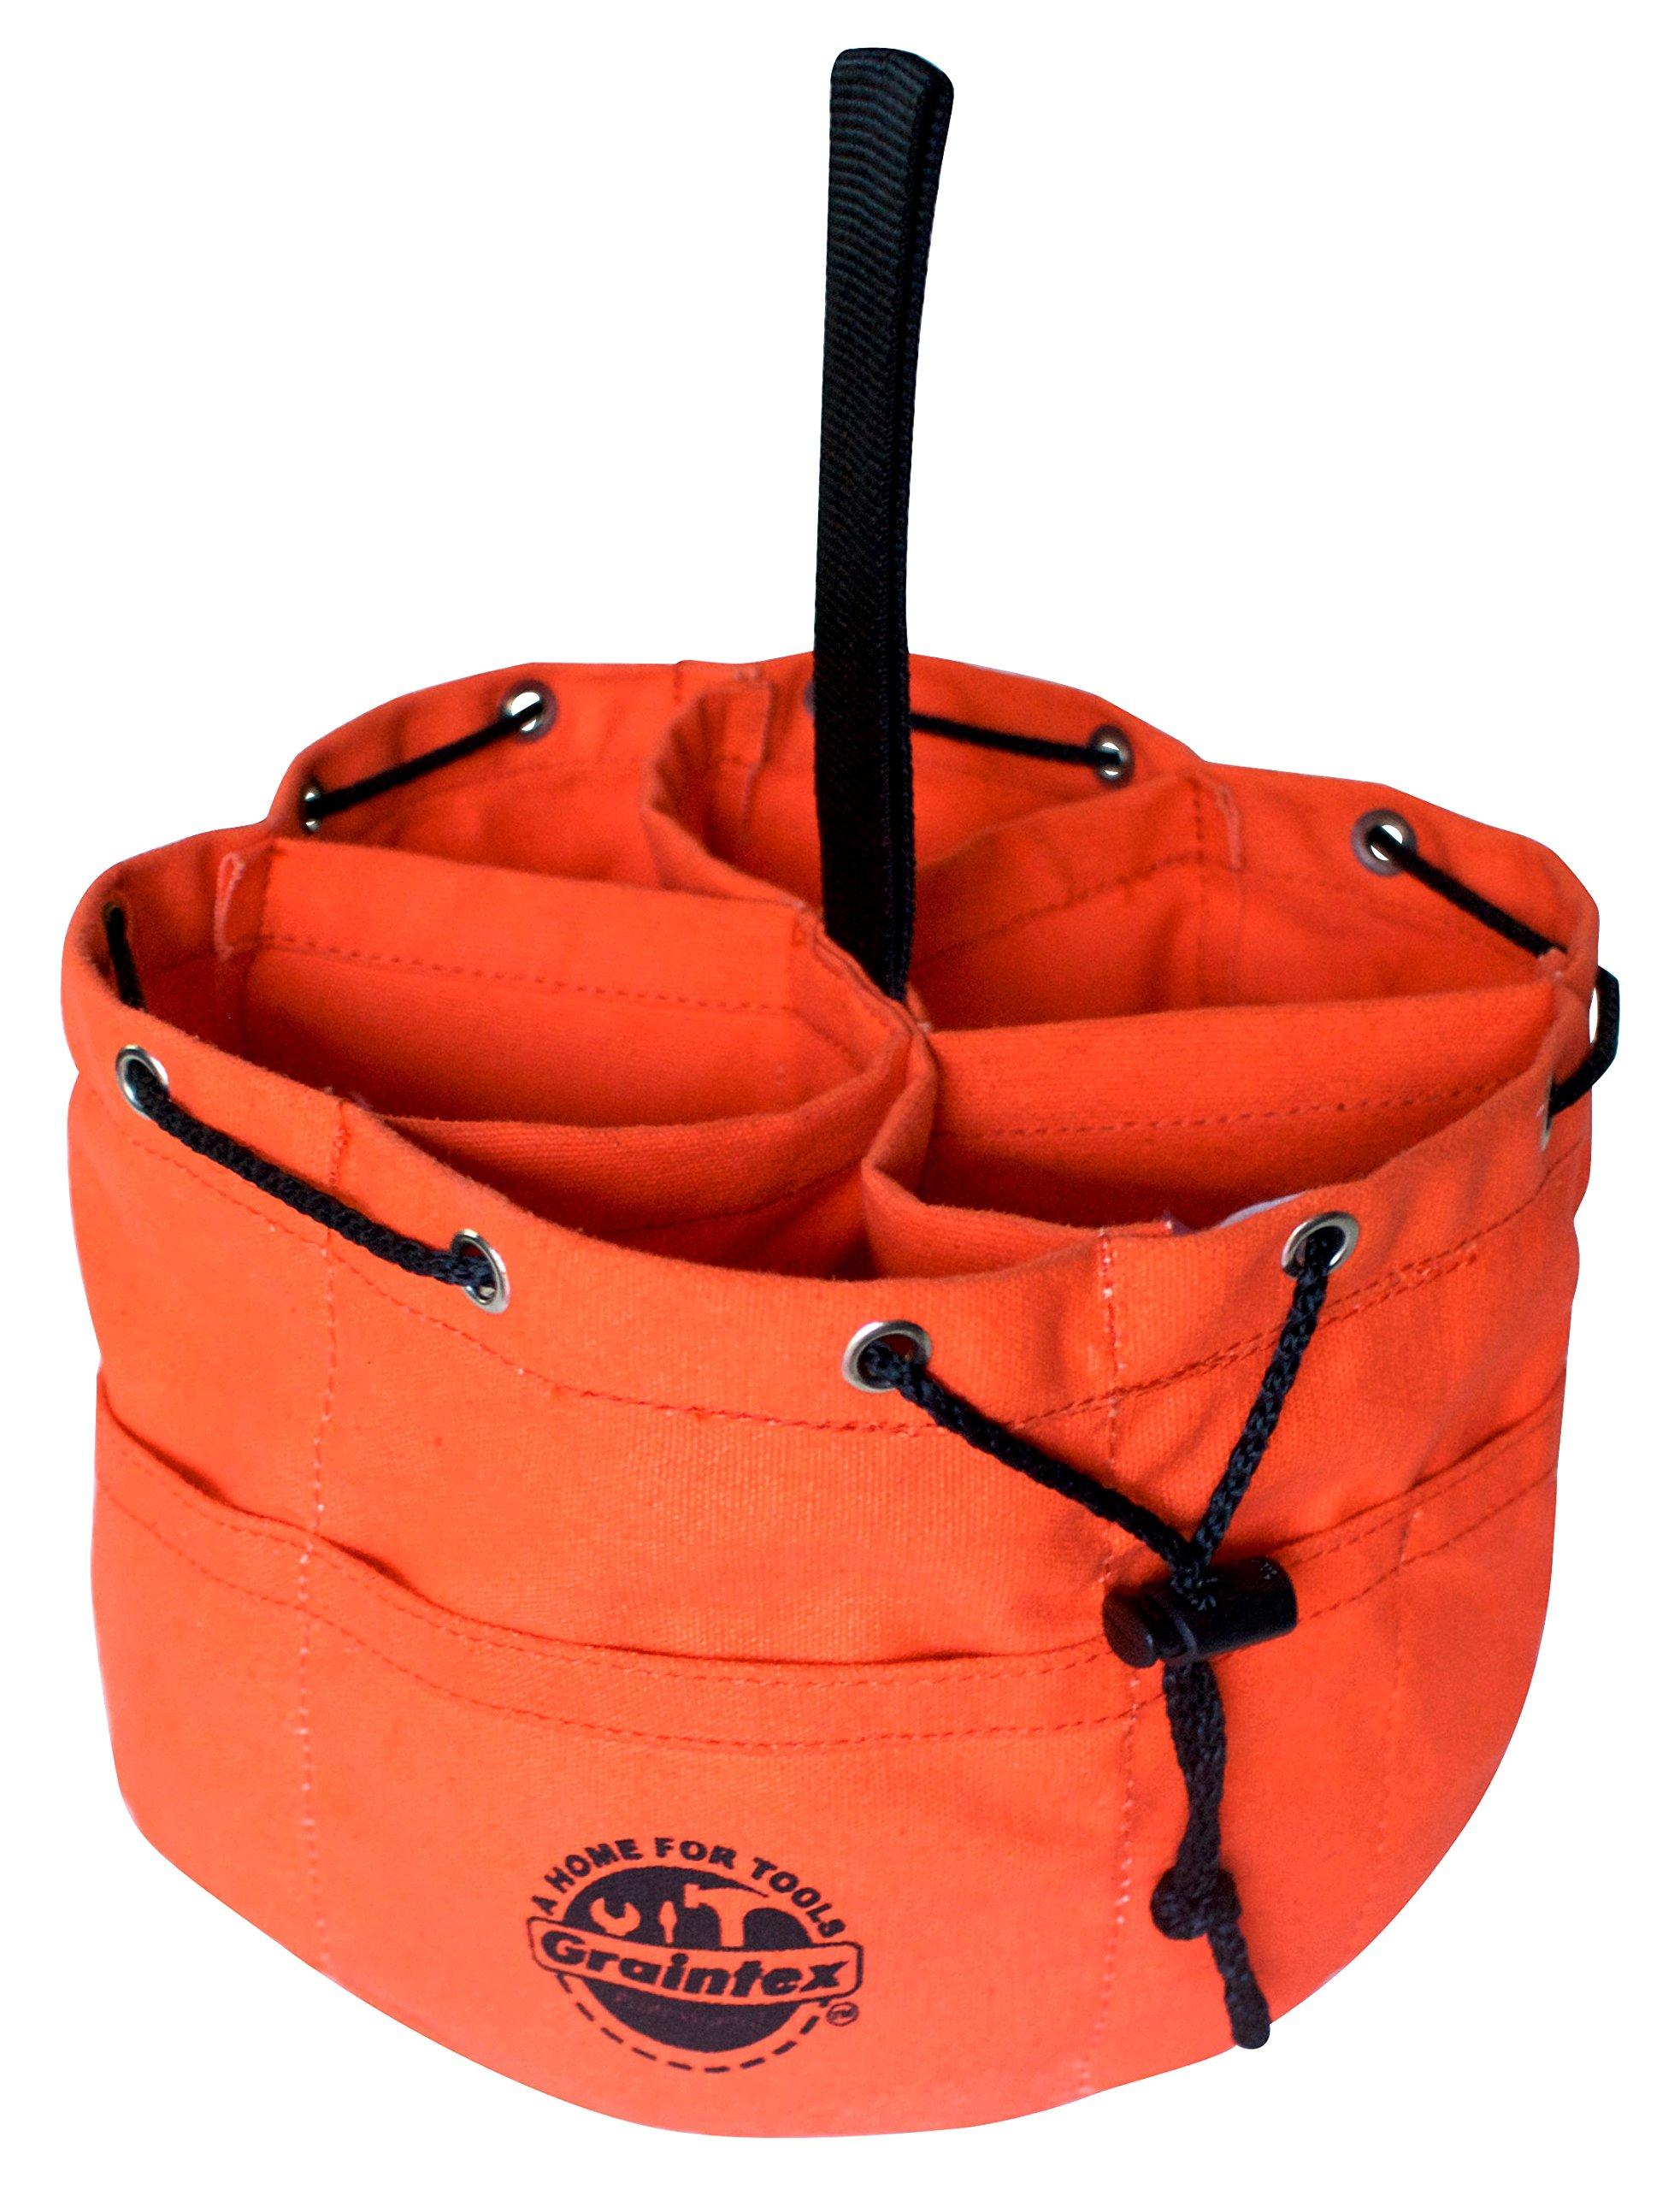 Graintex GB2890 Grab Bag Orange Color Canvas